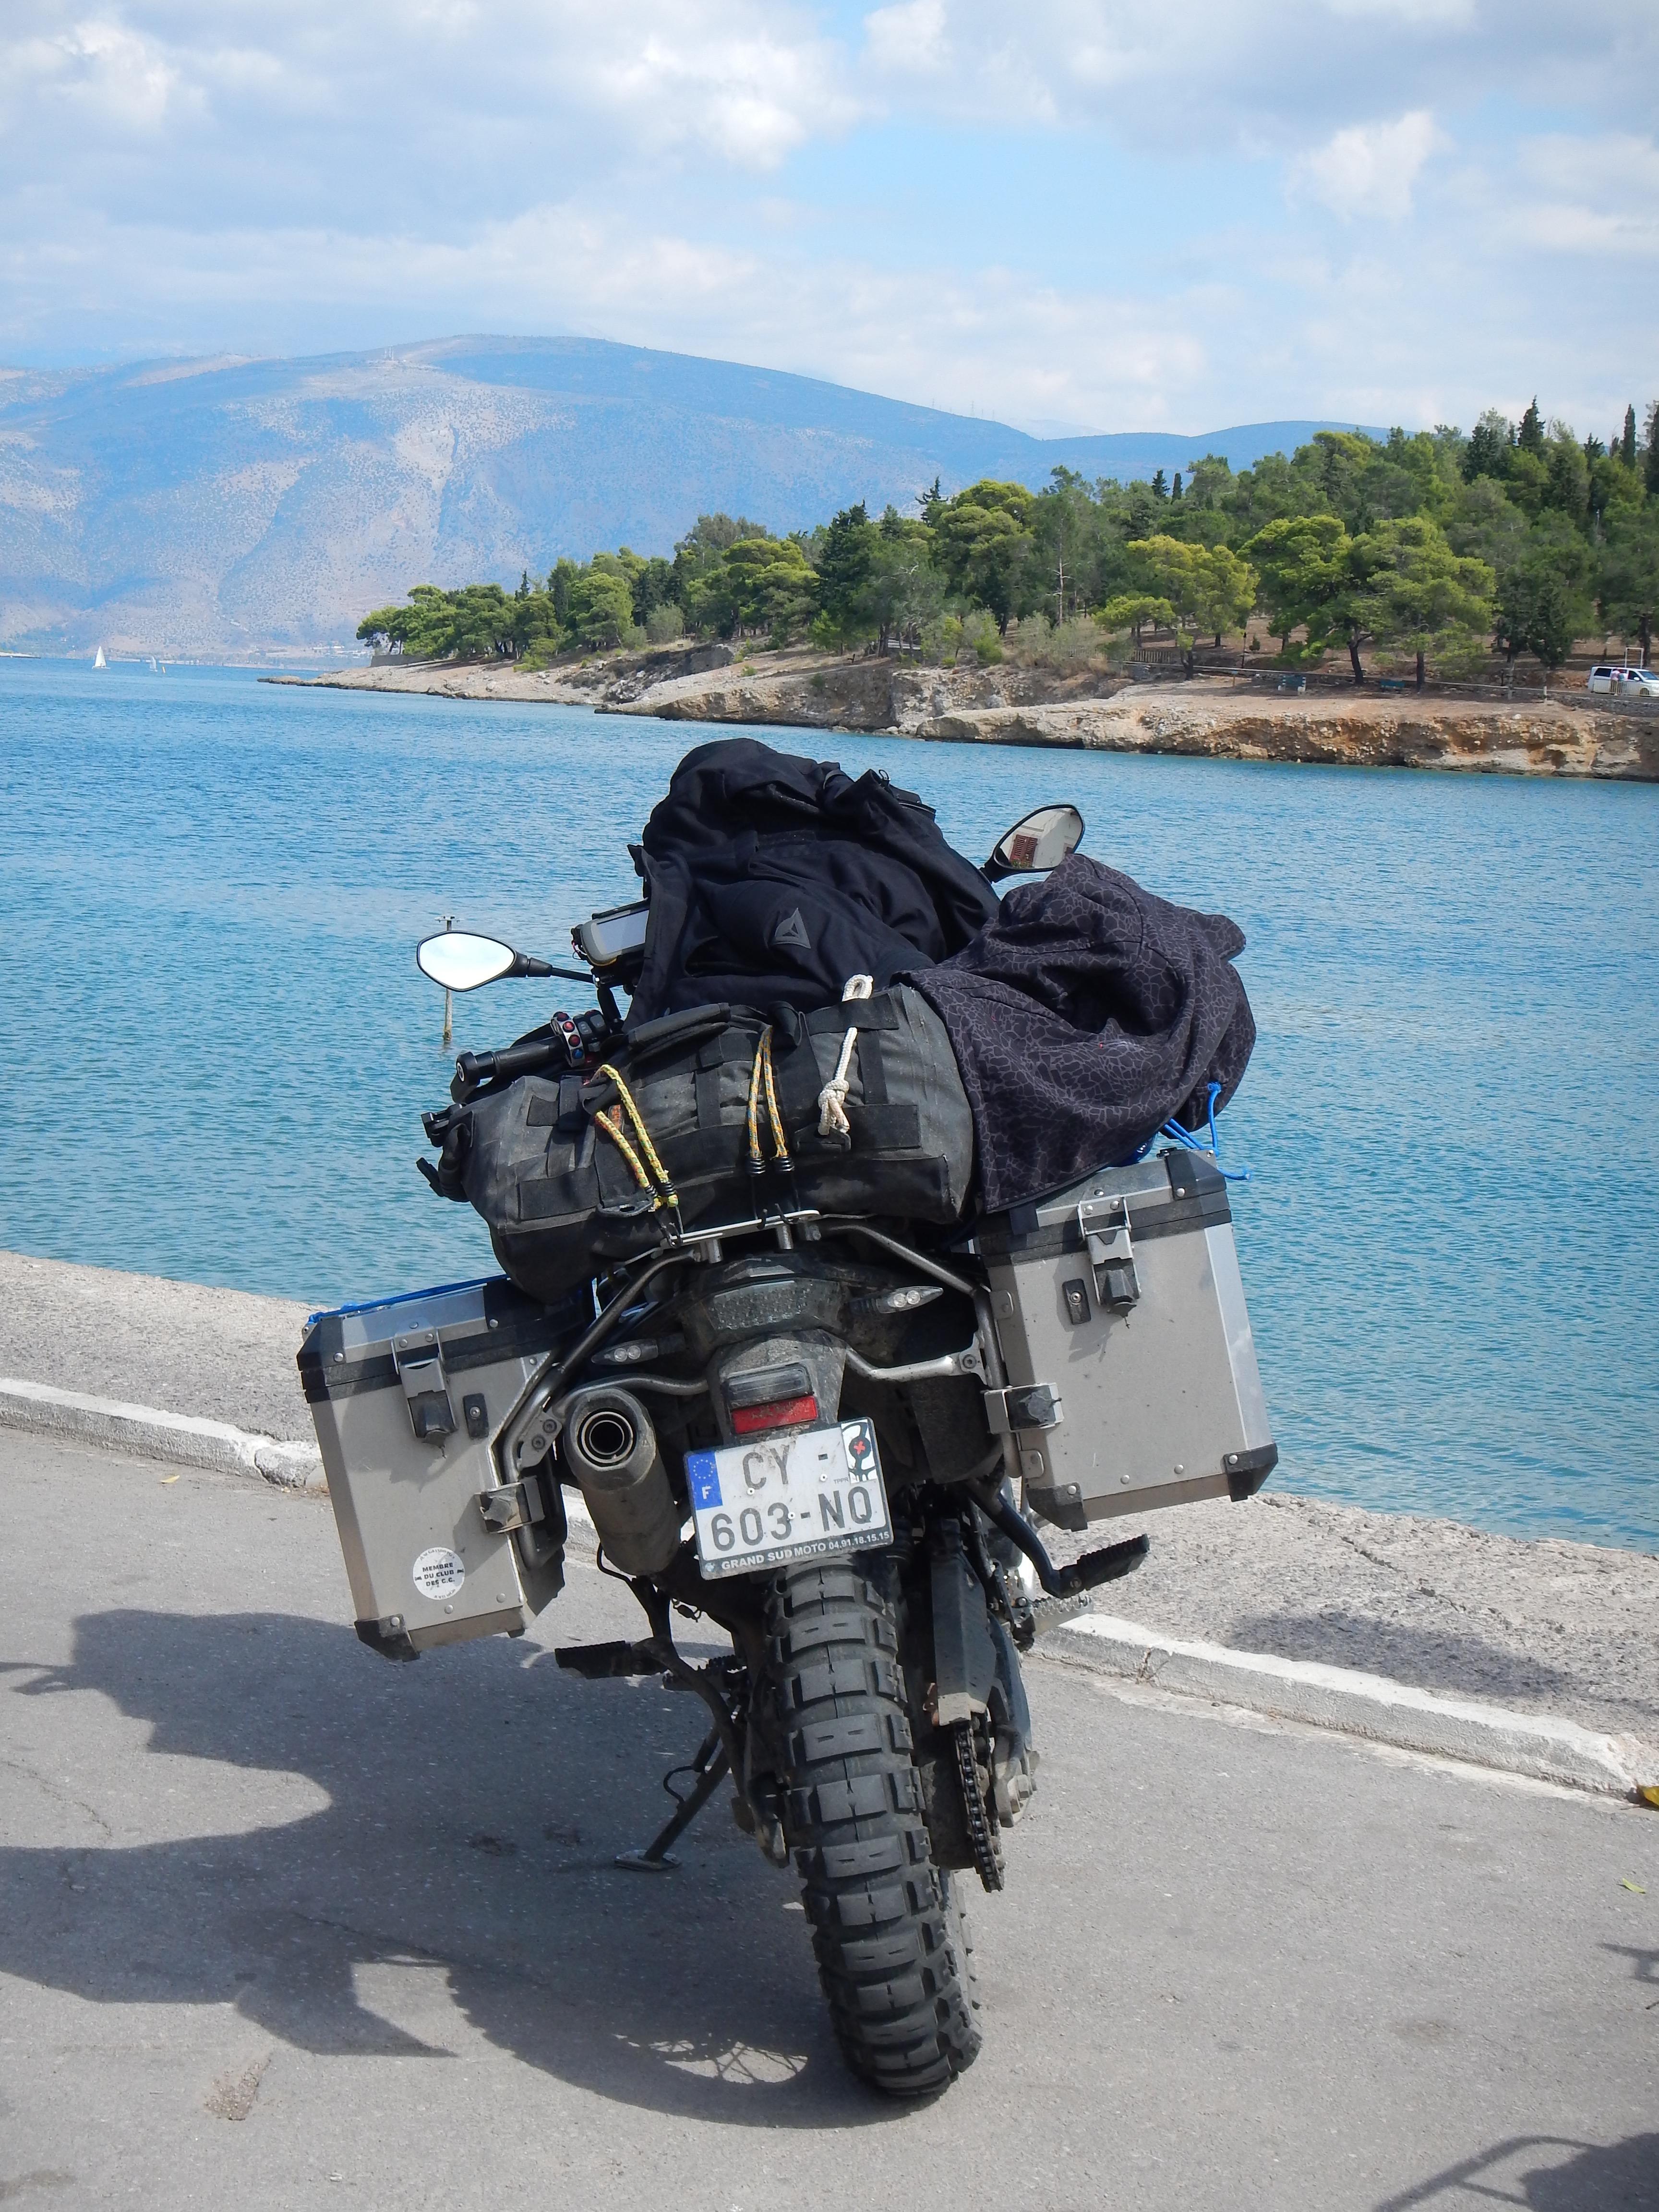 Grèce - Destination Météores par trail rando 16100309363767576